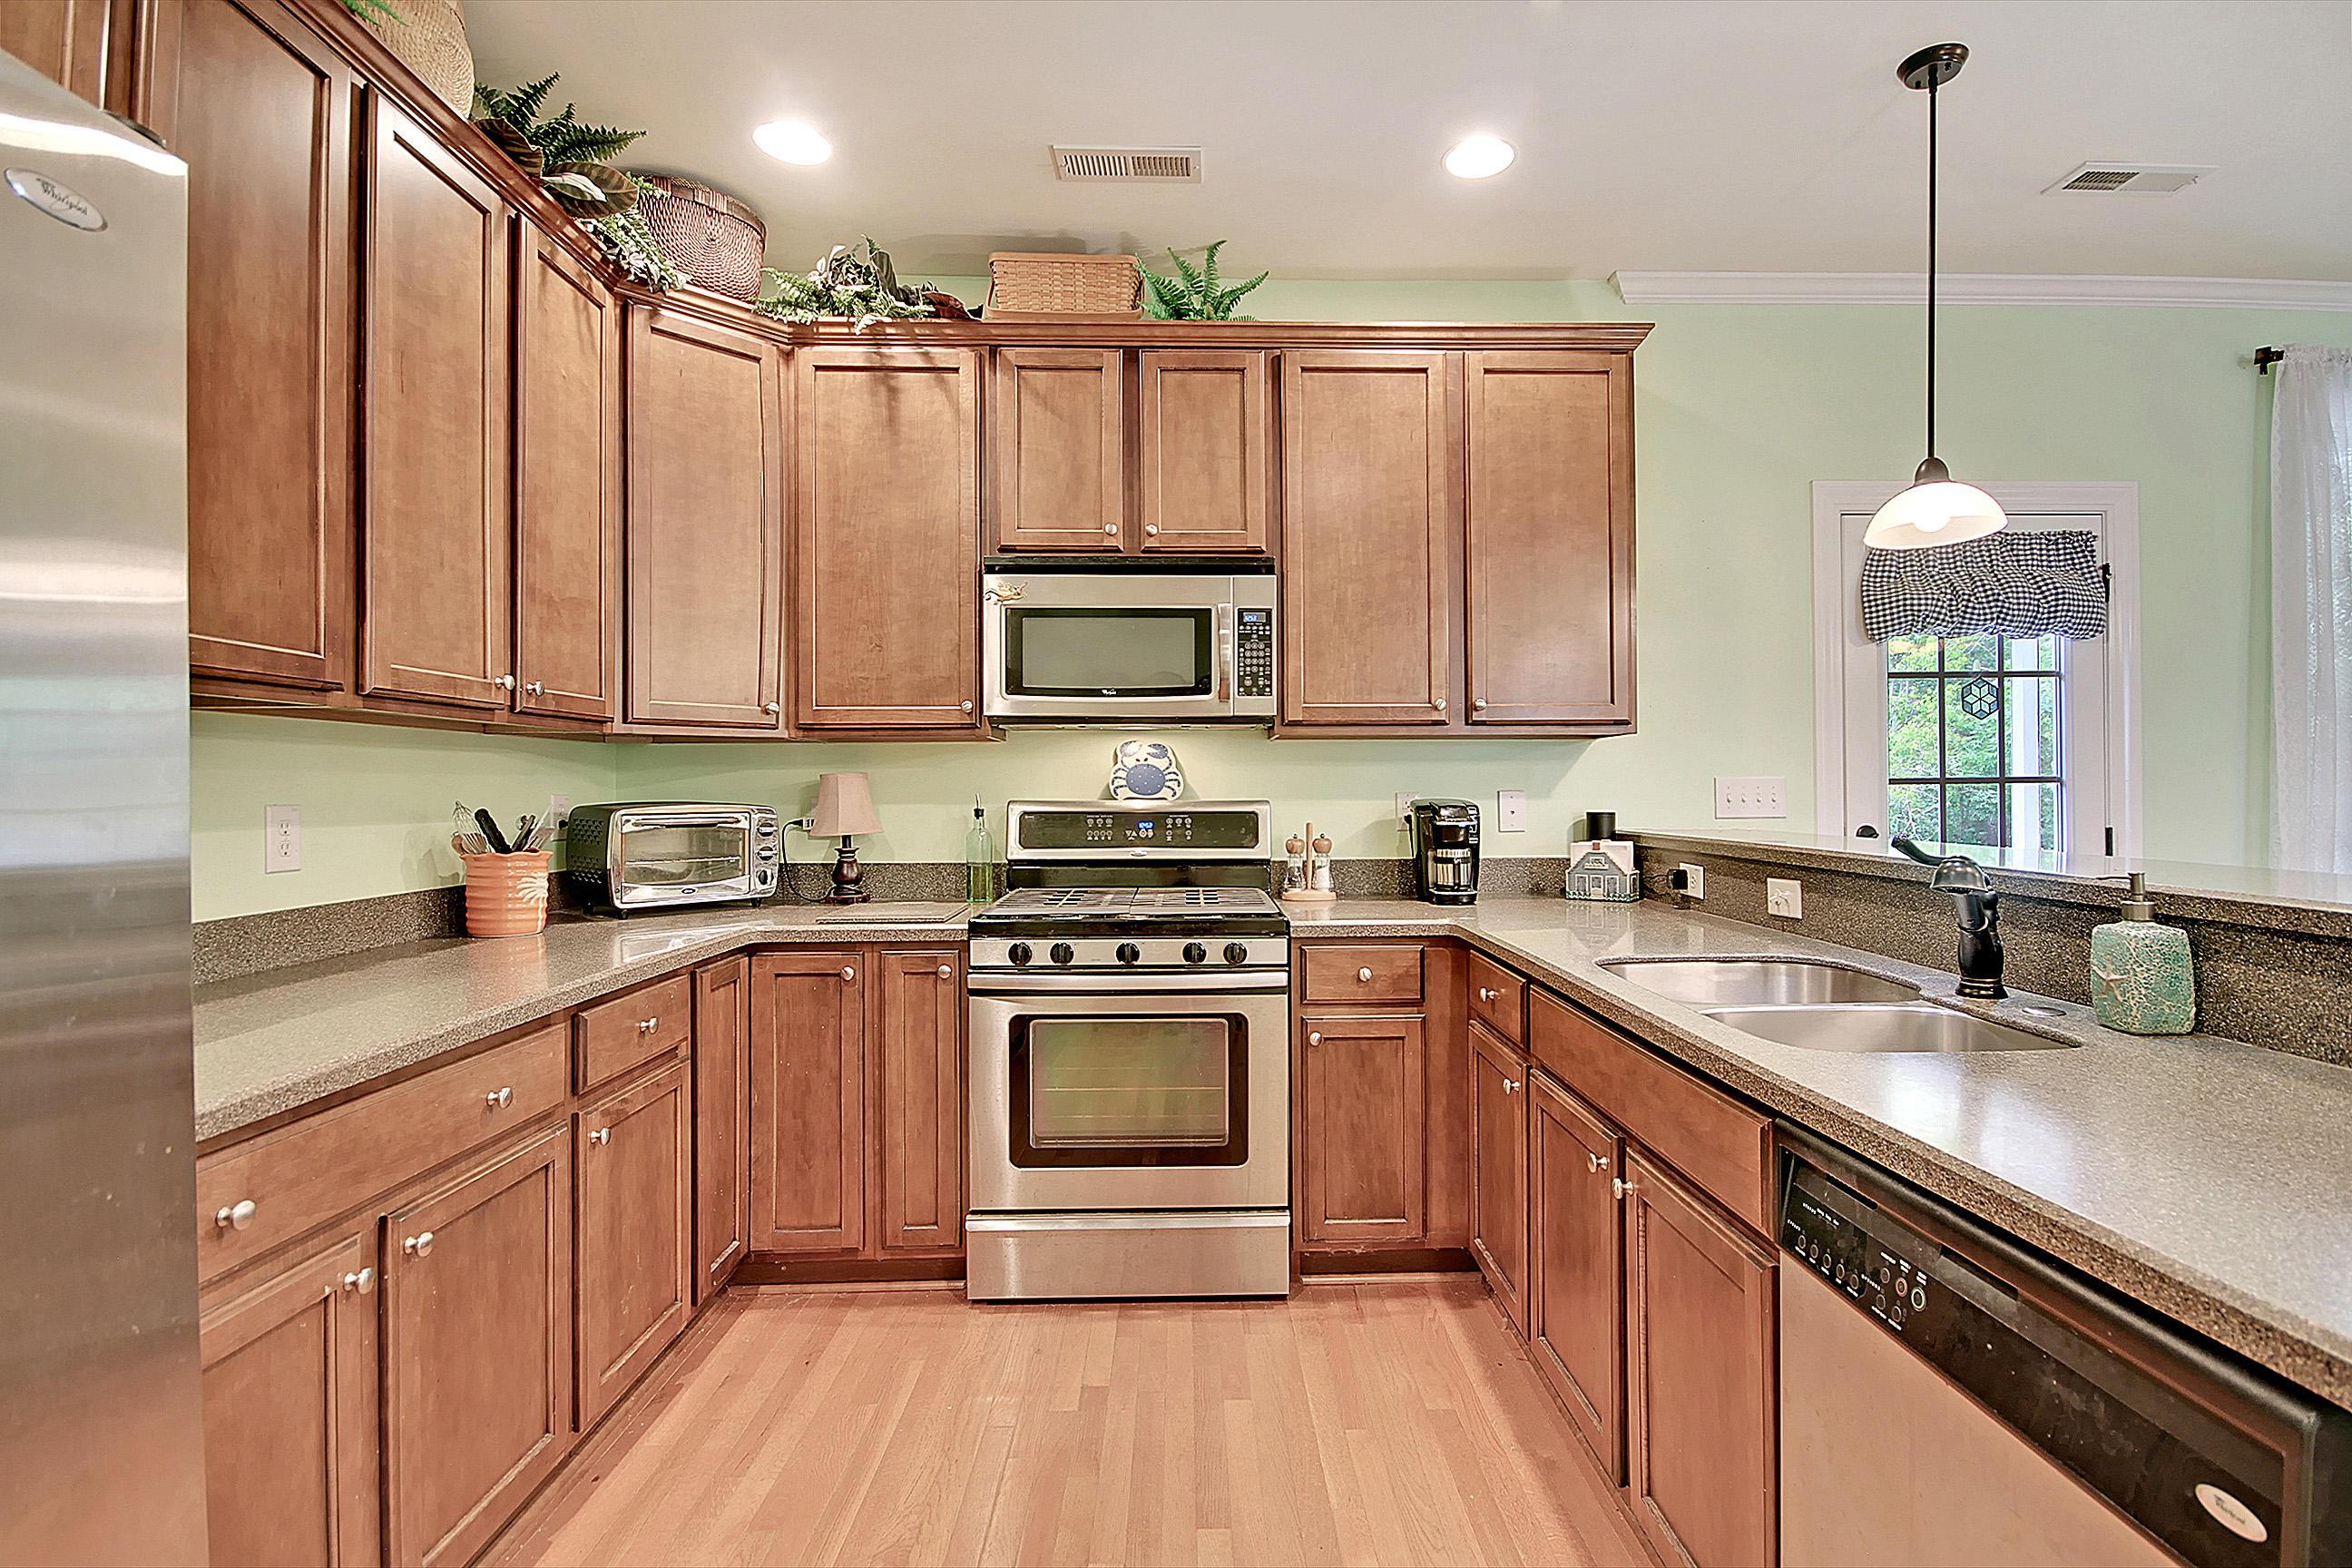 Park West Homes For Sale - 3624 Bagley, Mount Pleasant, SC - 7